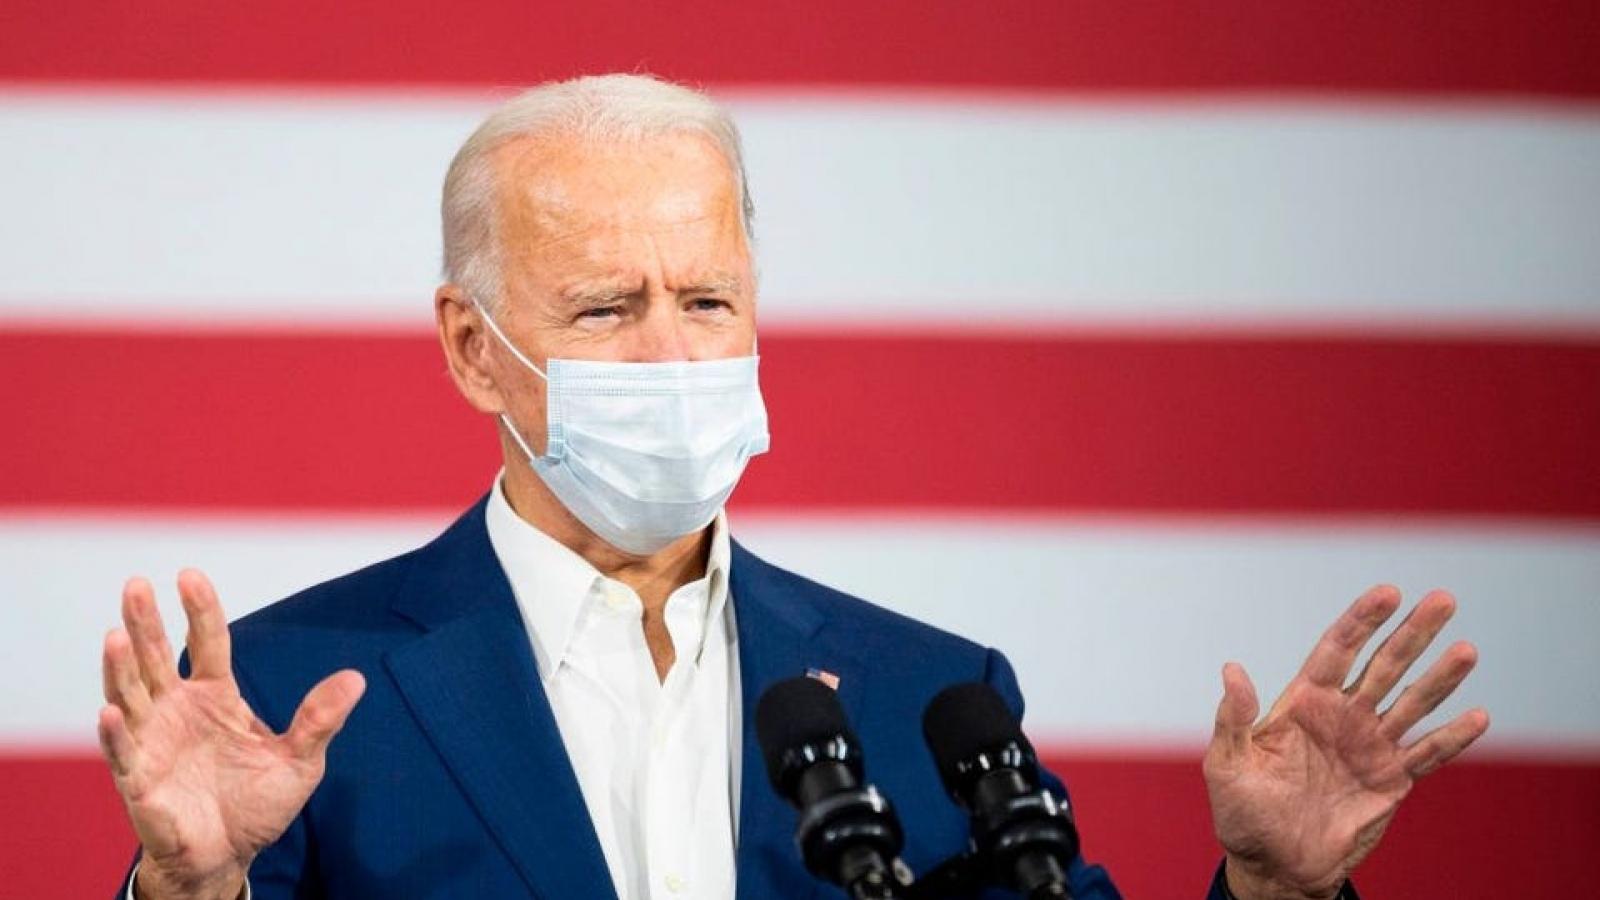 Kế hoạch của Joe Biden nhằm kiểm soát đại dịch Covid-19 ở Mỹ